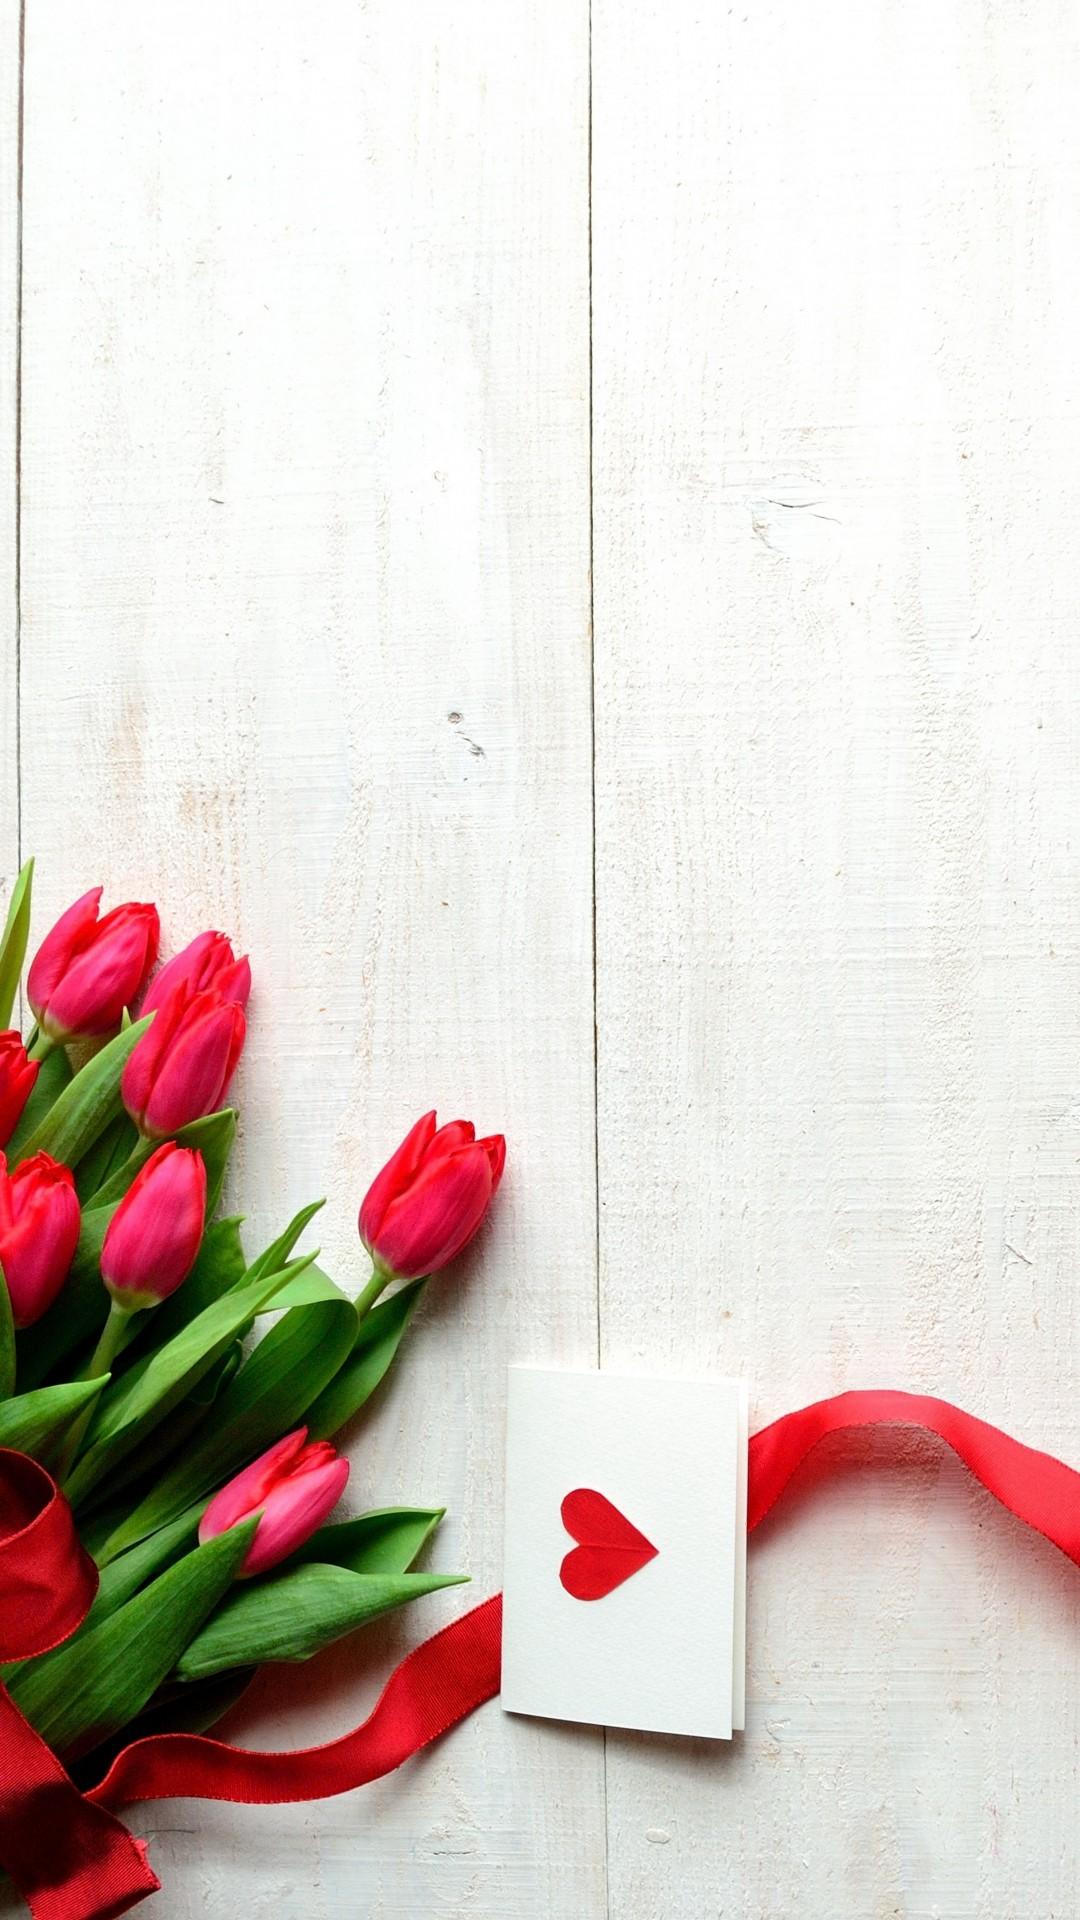 Wallpaper Valentine S Day 5k 4k Wallpaper 8k Flowers